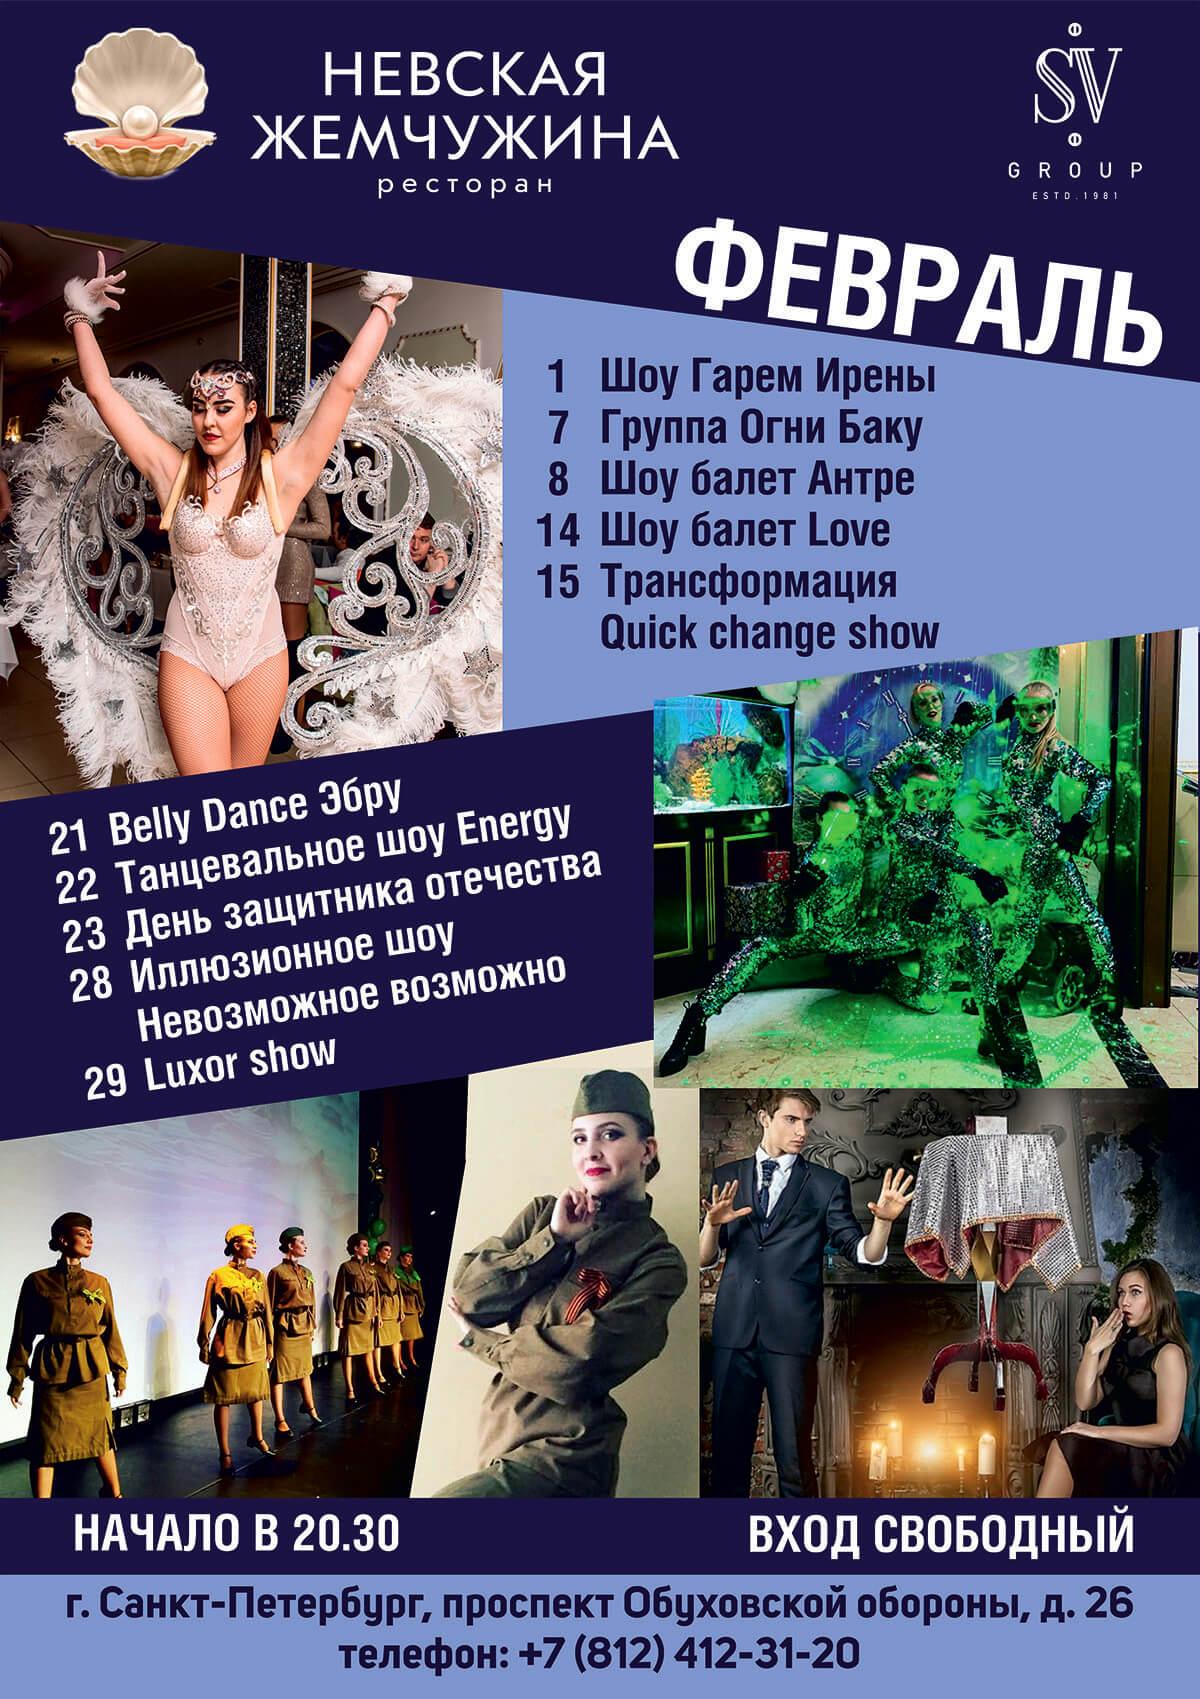 Афиша мероприятий на февраль Невская жемчужина